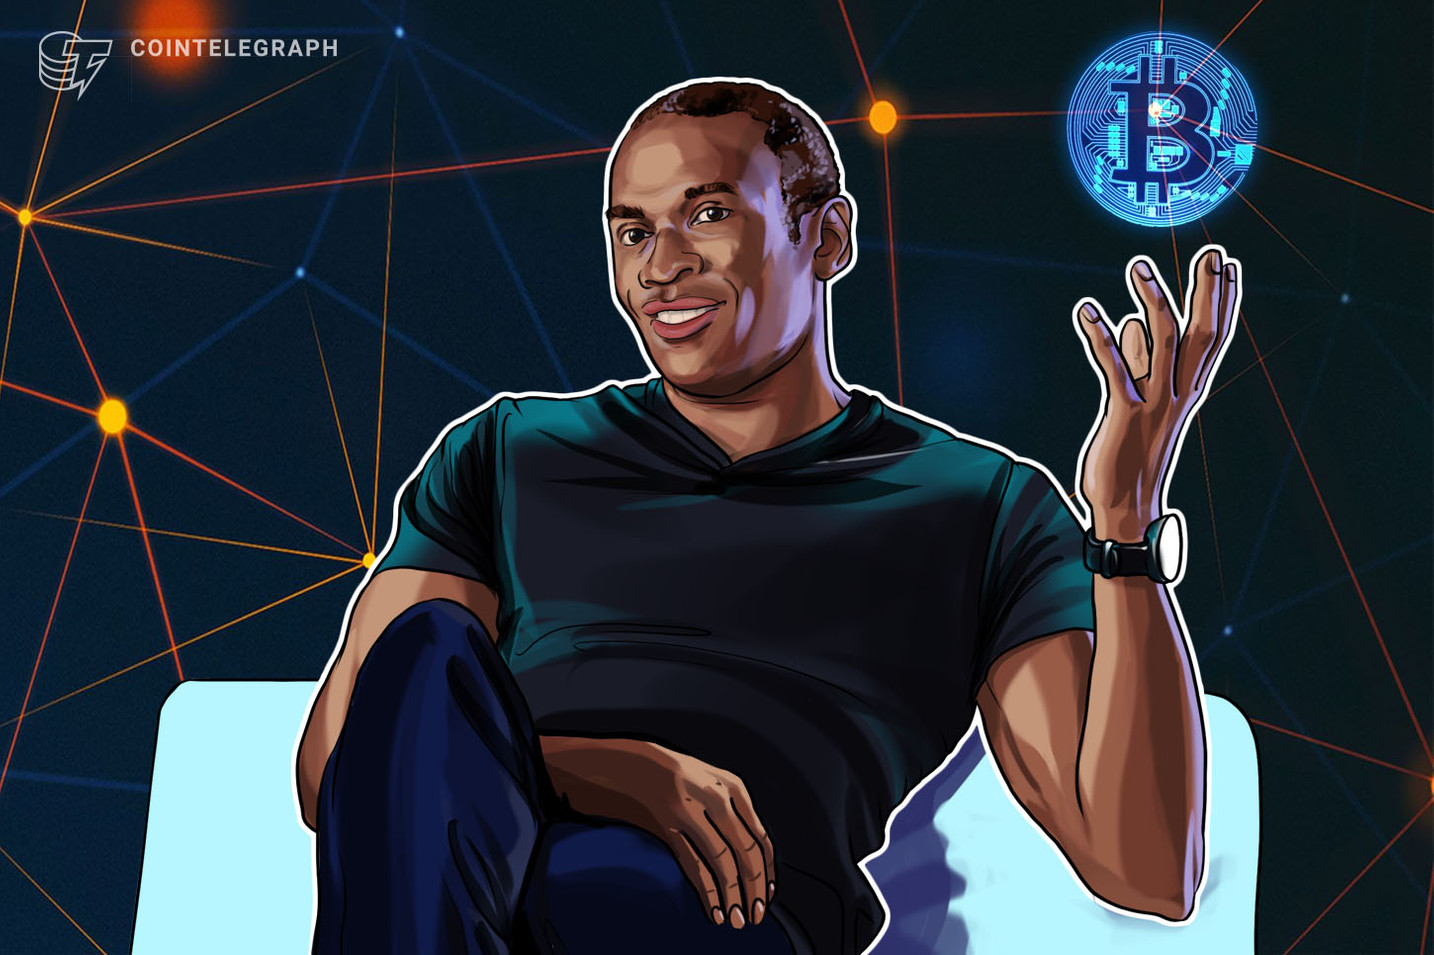 El CEO de BitMEX, Arthur Hayes, dice que Bitcoin probará USD 10.000 en 2019